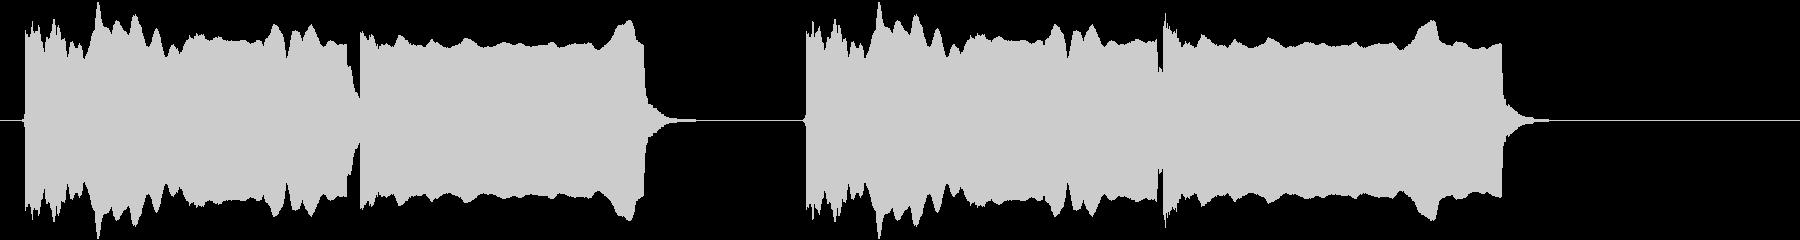 豆腐屋さん 昭和の豆腐屋のチャルメラ音の未再生の波形